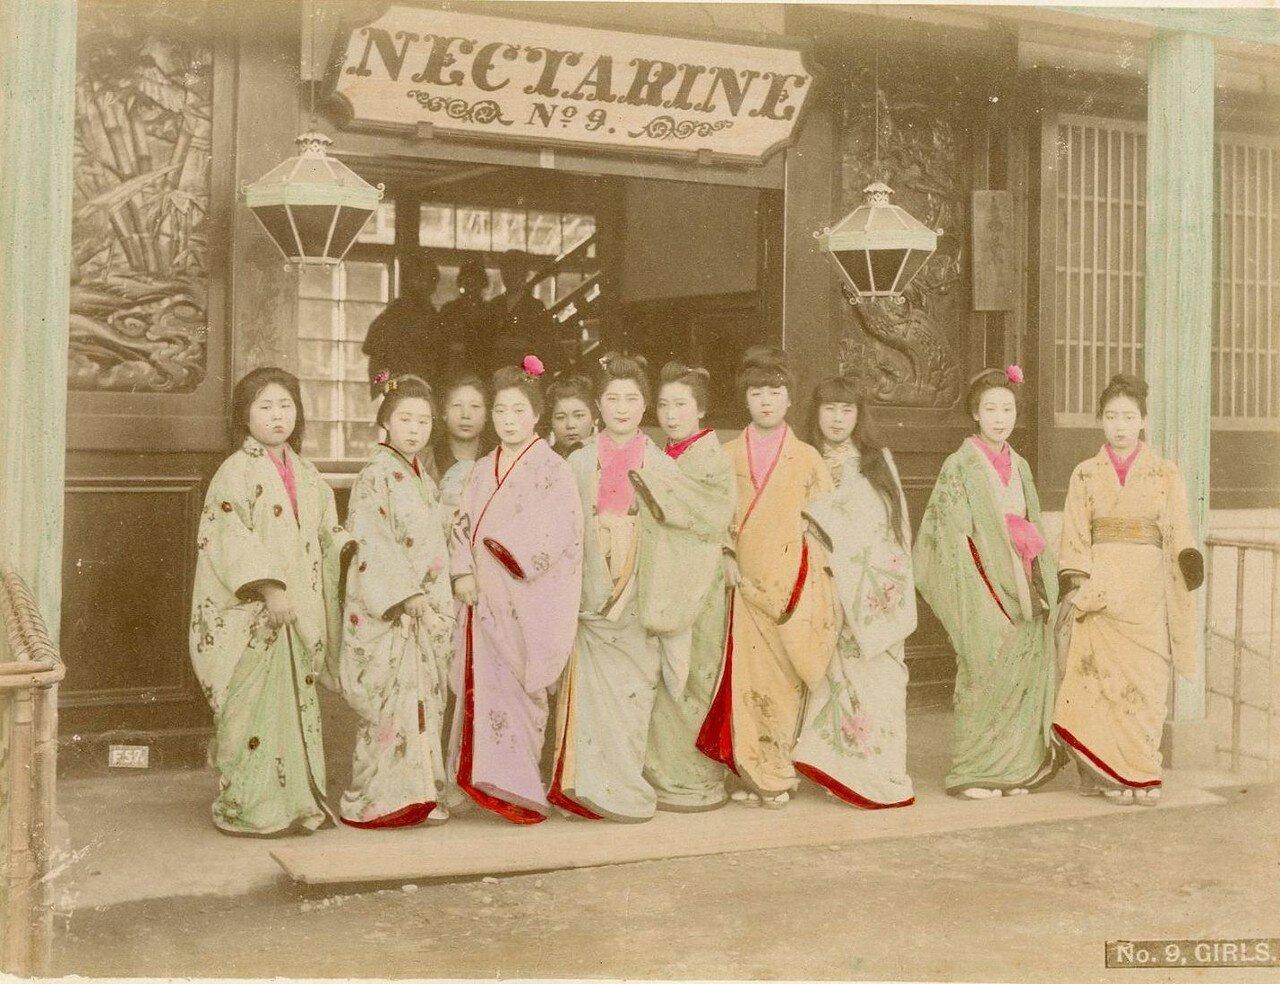 Иокогама. Девушки из борделя Нектарин №9